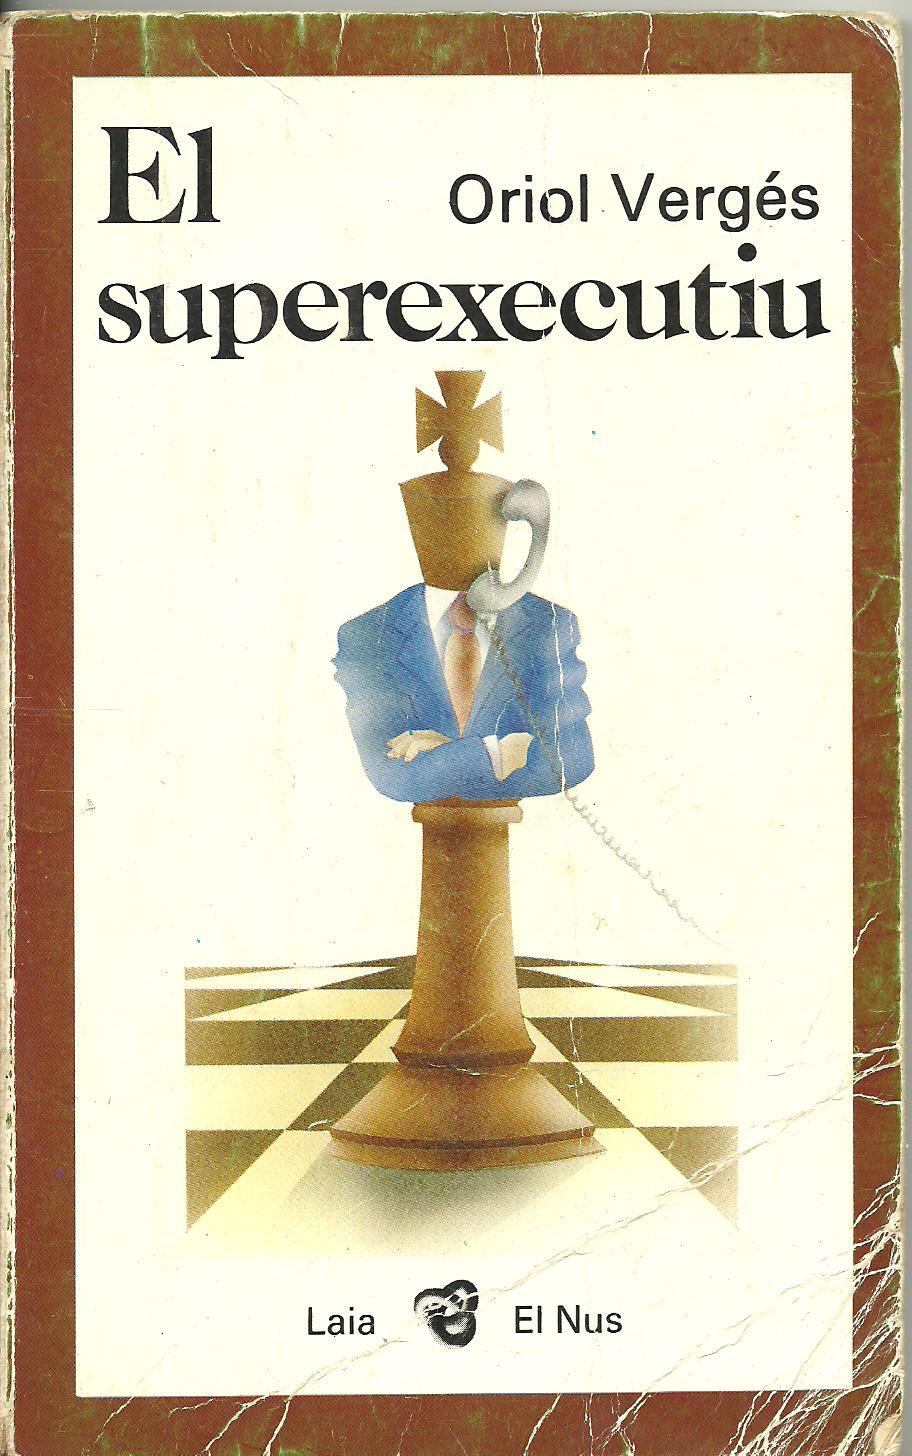 El superexecutiu